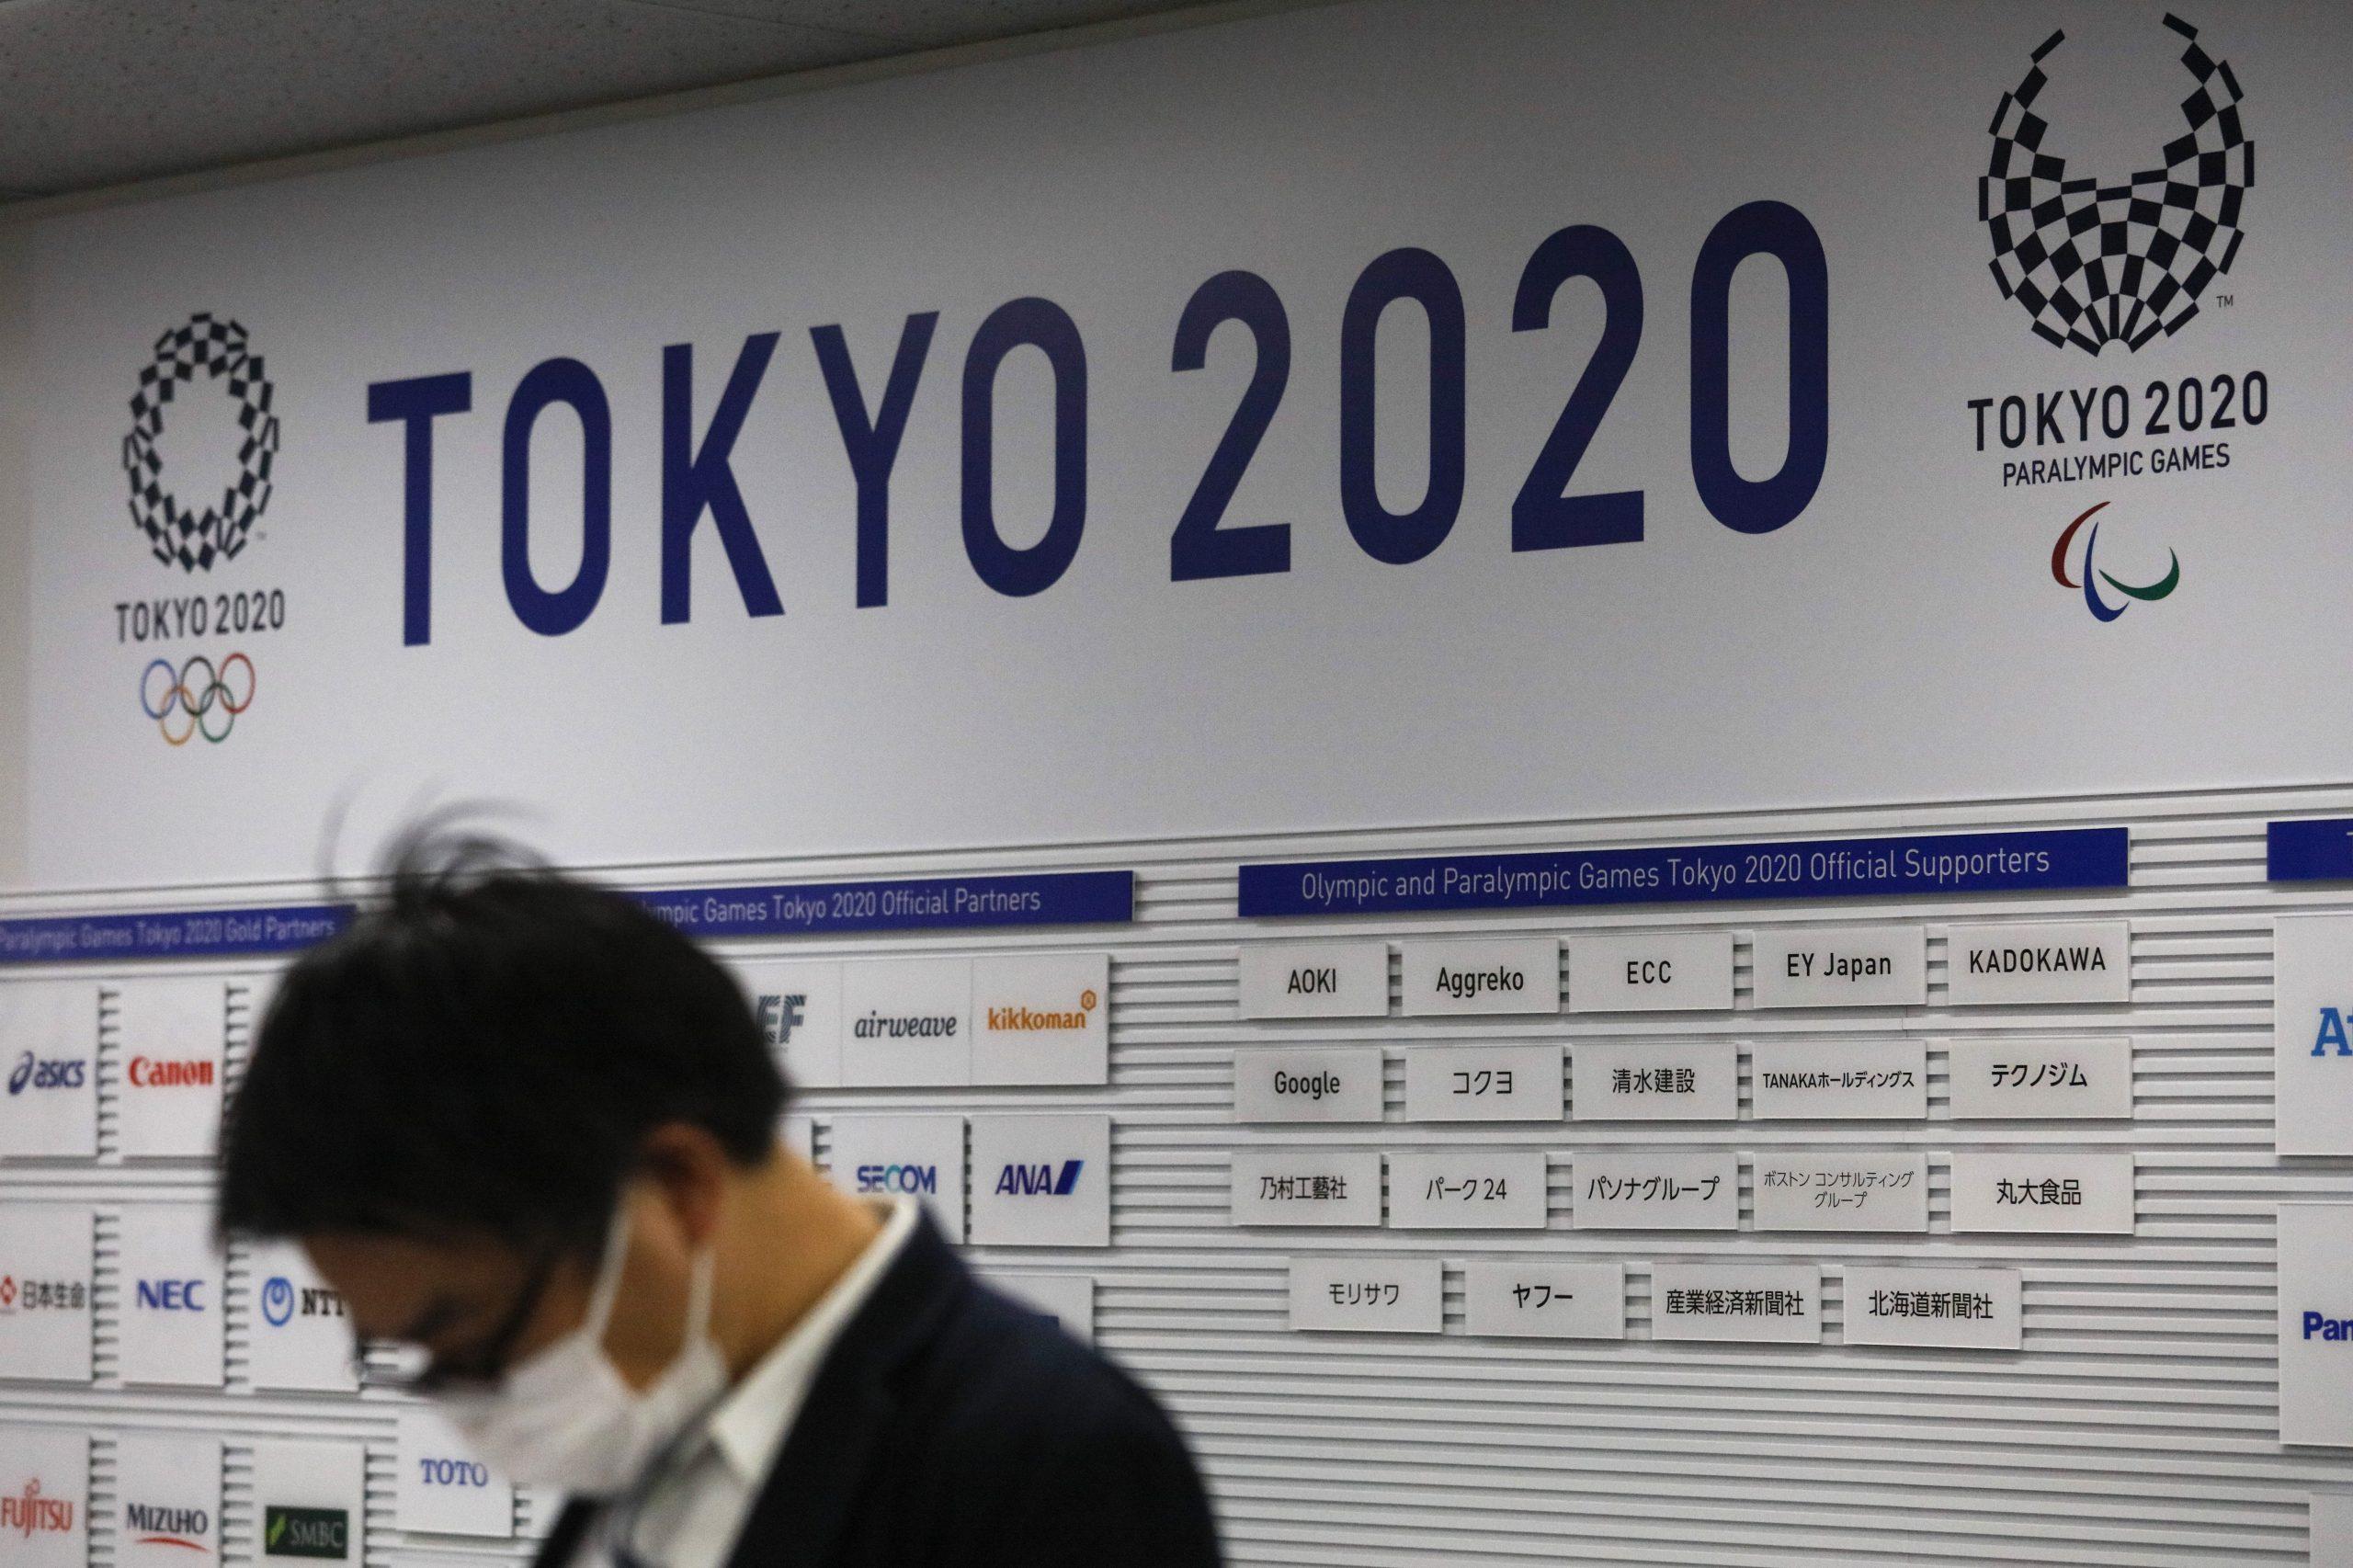 Olimpijske igre Tokijo 2020, korona virus